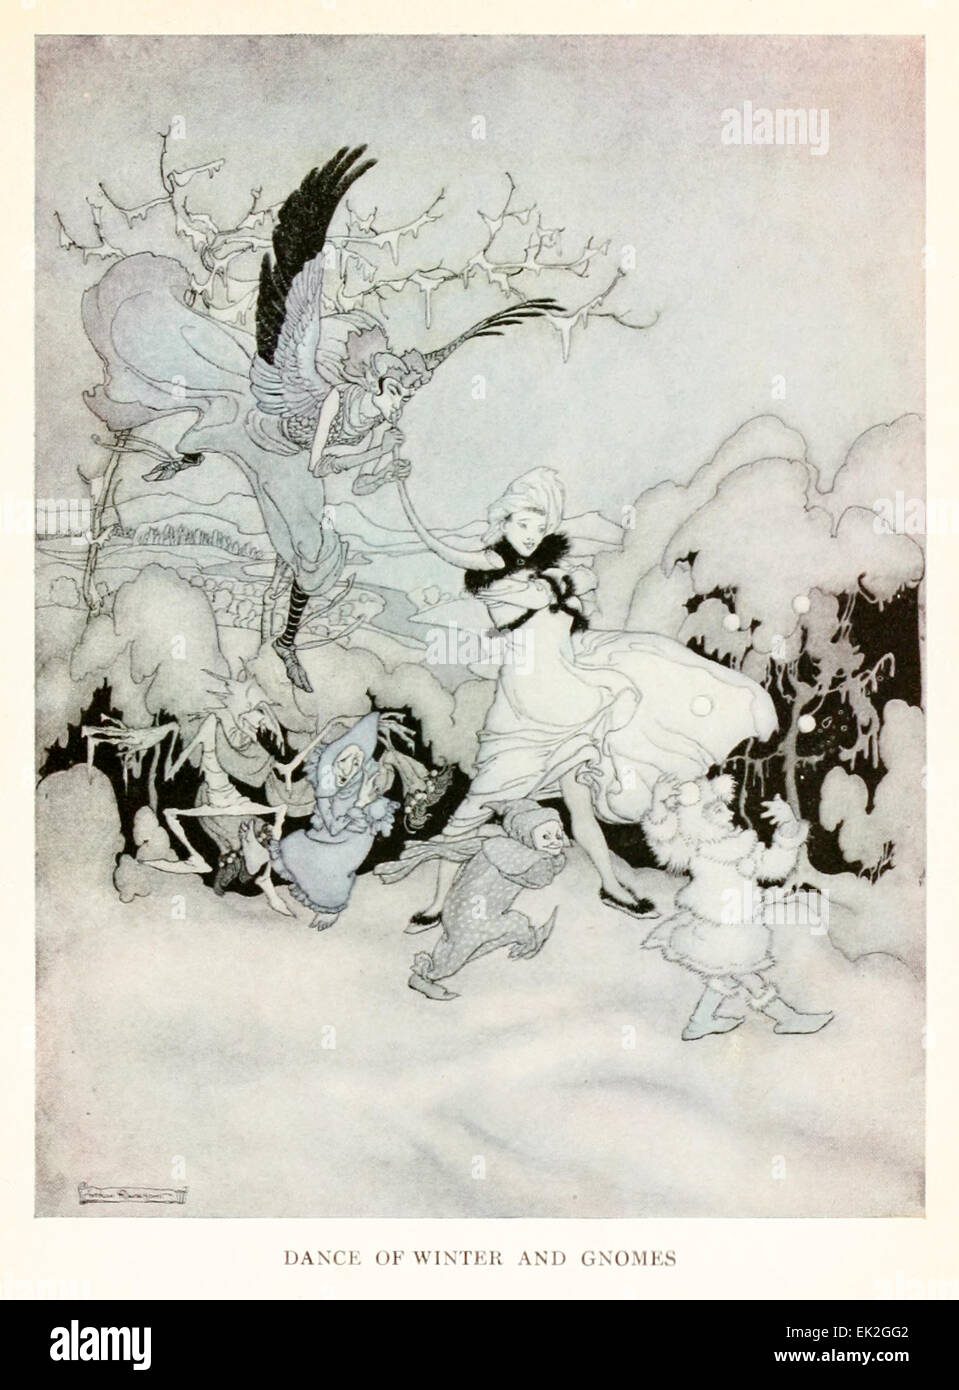 Danza di inverno e gli gnomi - Illustrazione di Arthur Rackham (1867-1939) da 'Snickerty Nick e il Gigante' Immagini Stock